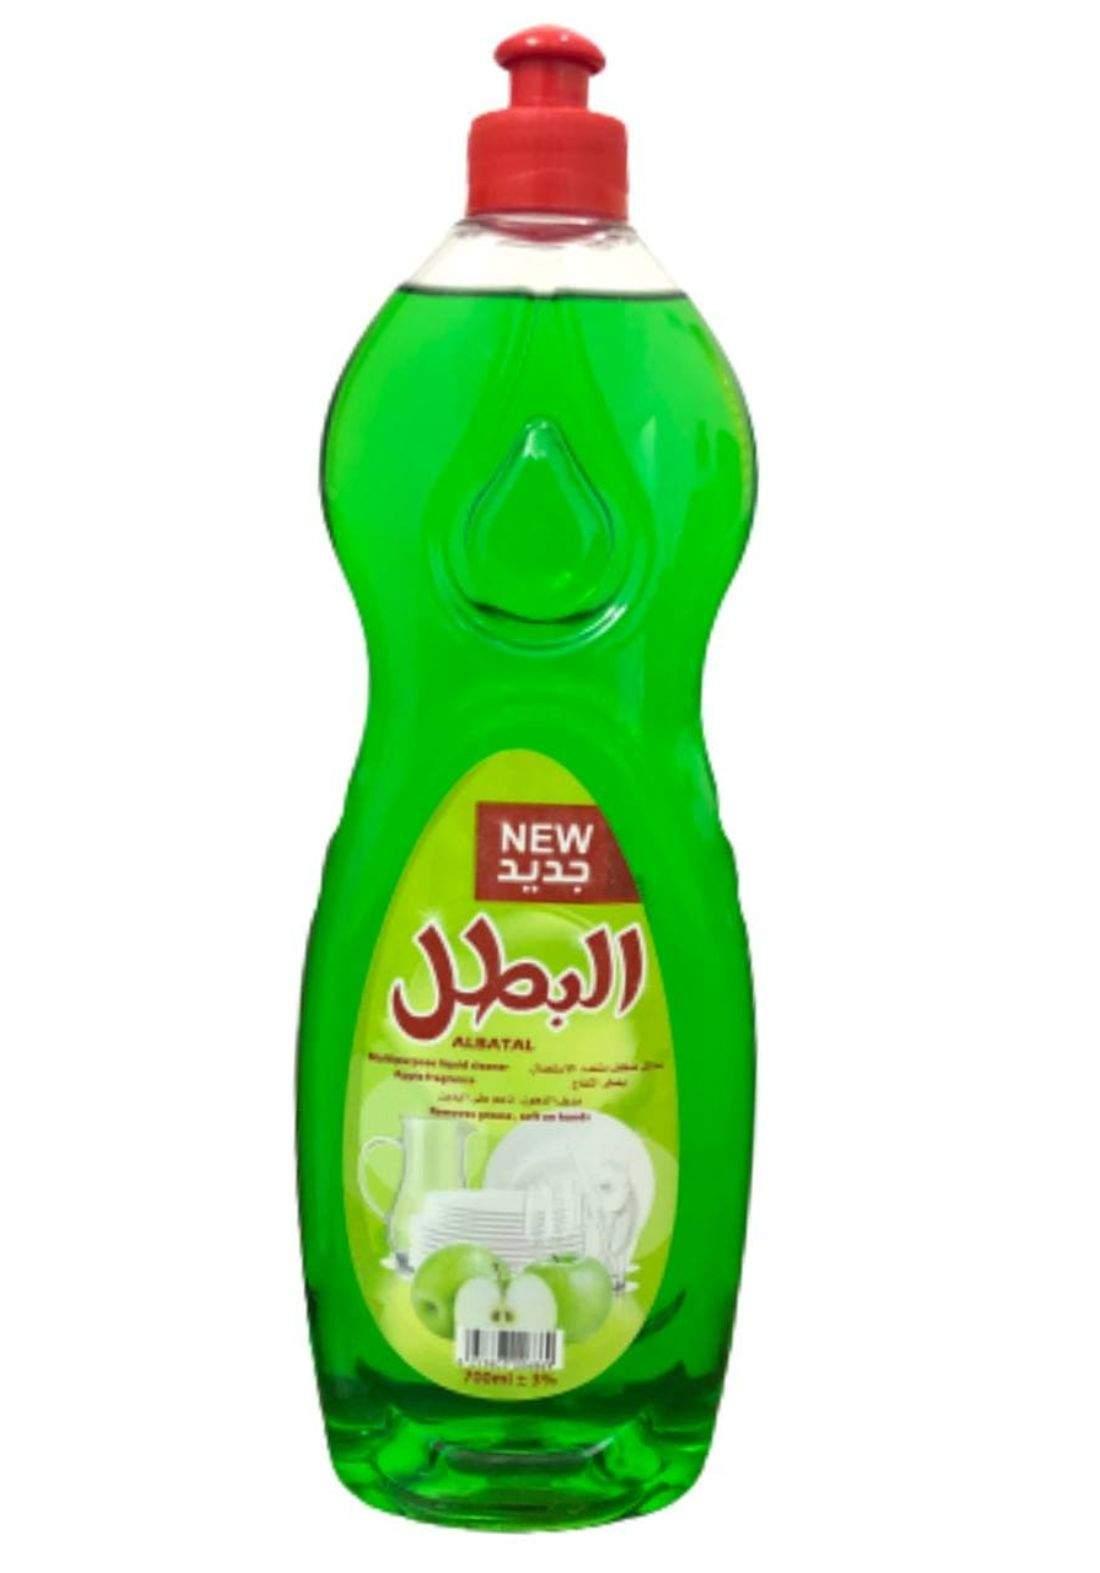 AL-batal  dishwashing liquid 700ml البطل  سائل غسيل الصحون